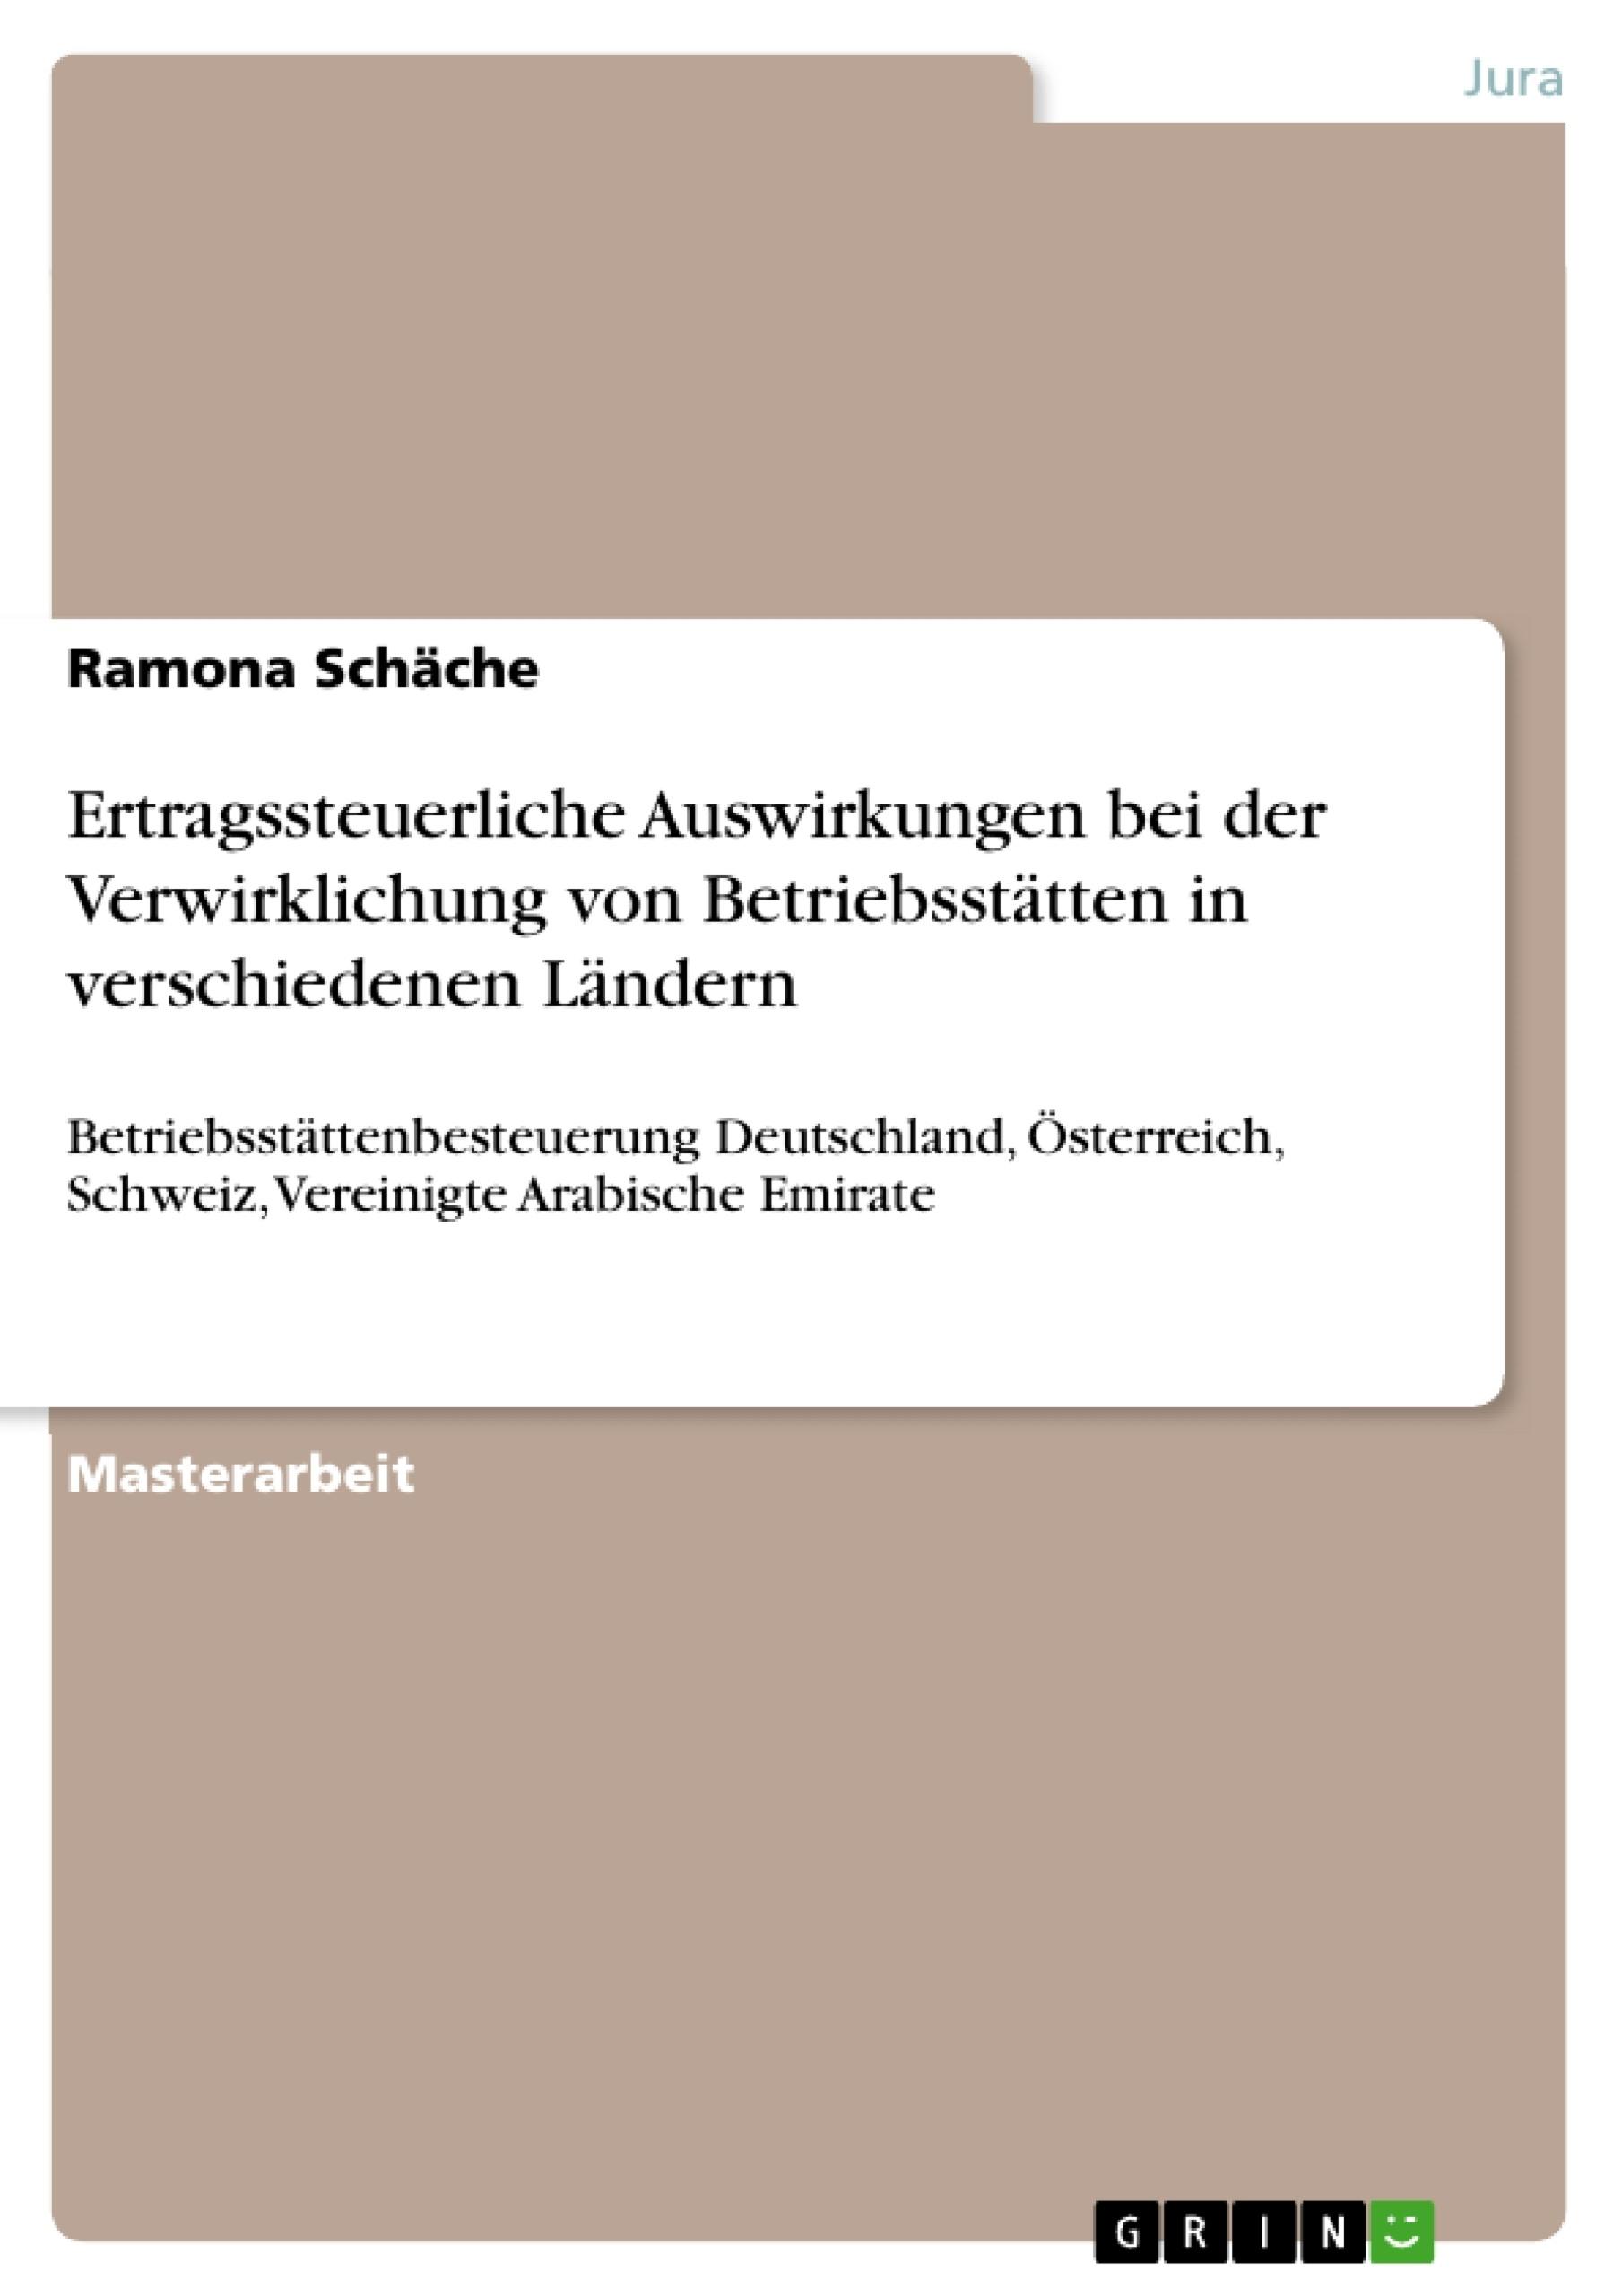 Titel: Ertragssteuerliche Auswirkungen bei der Verwirklichung von Betriebsstätten in verschiedenen Ländern